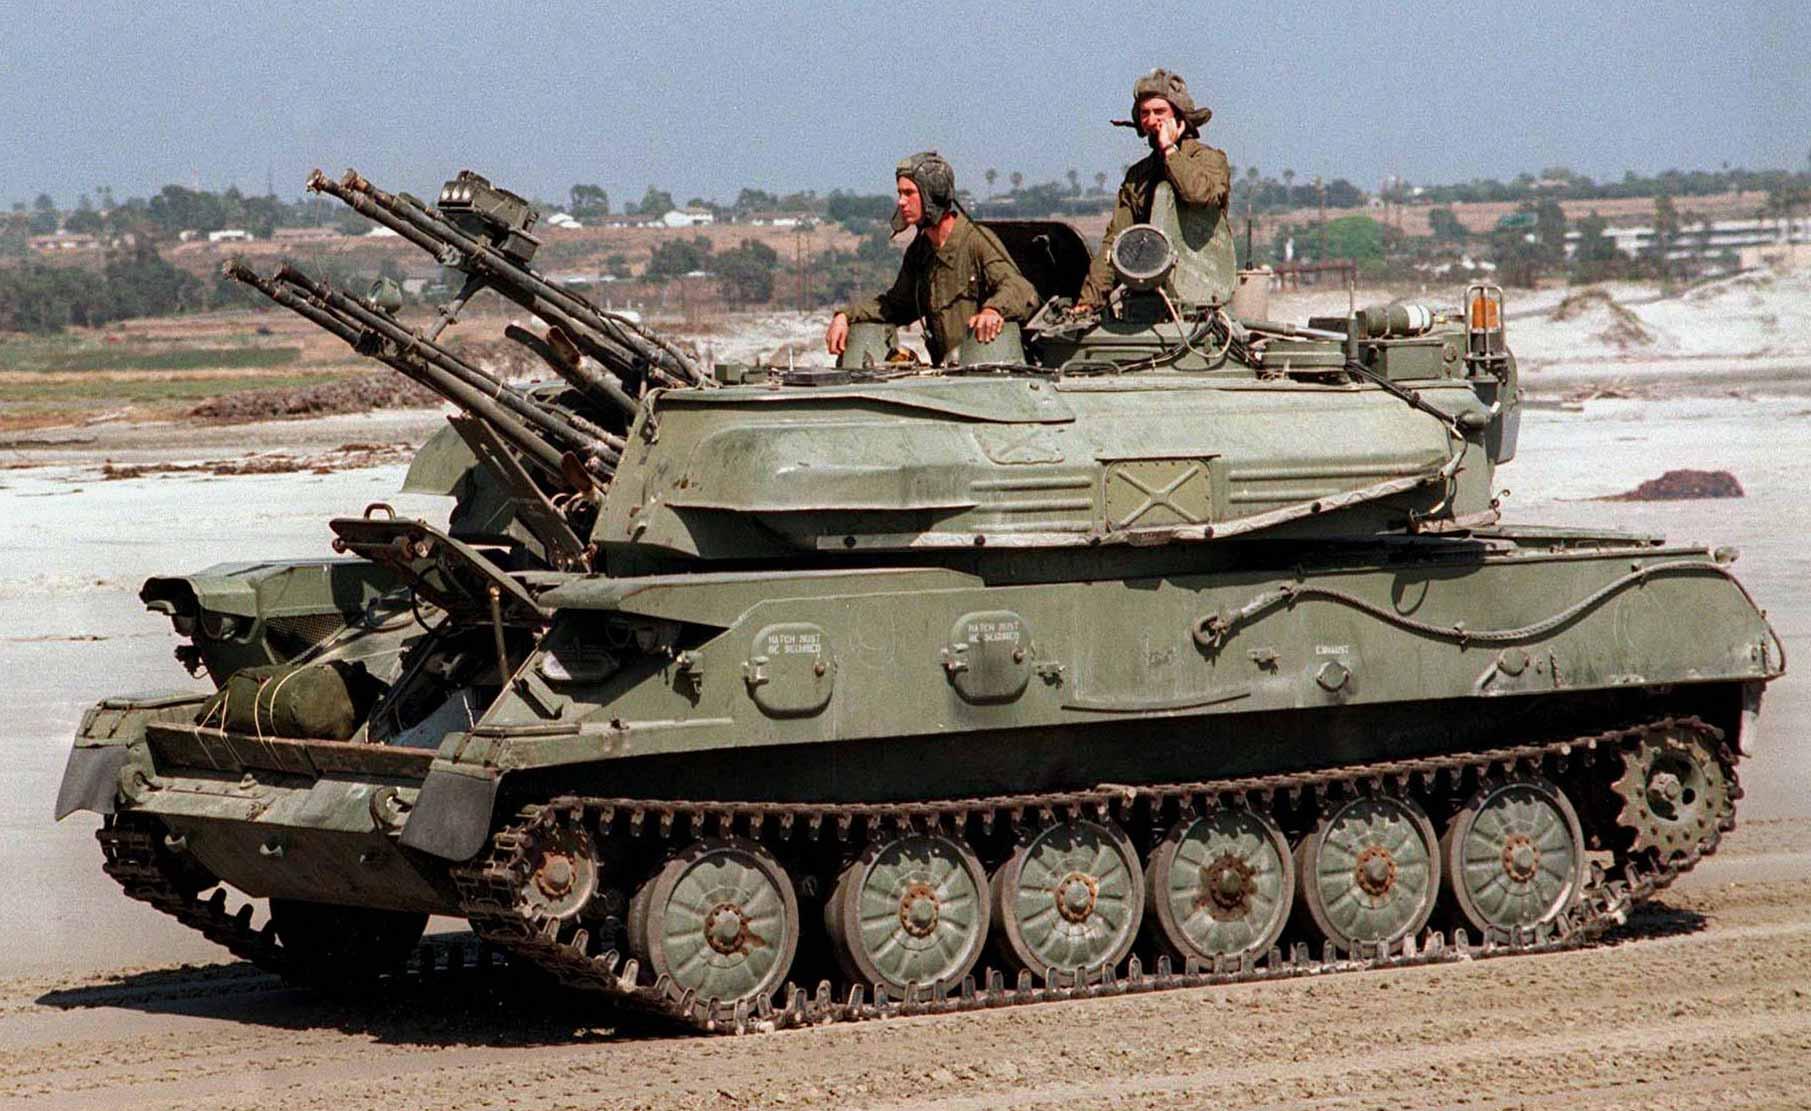 Советская армейская ПВО ЗСУ-23-4 Шилка легендарная